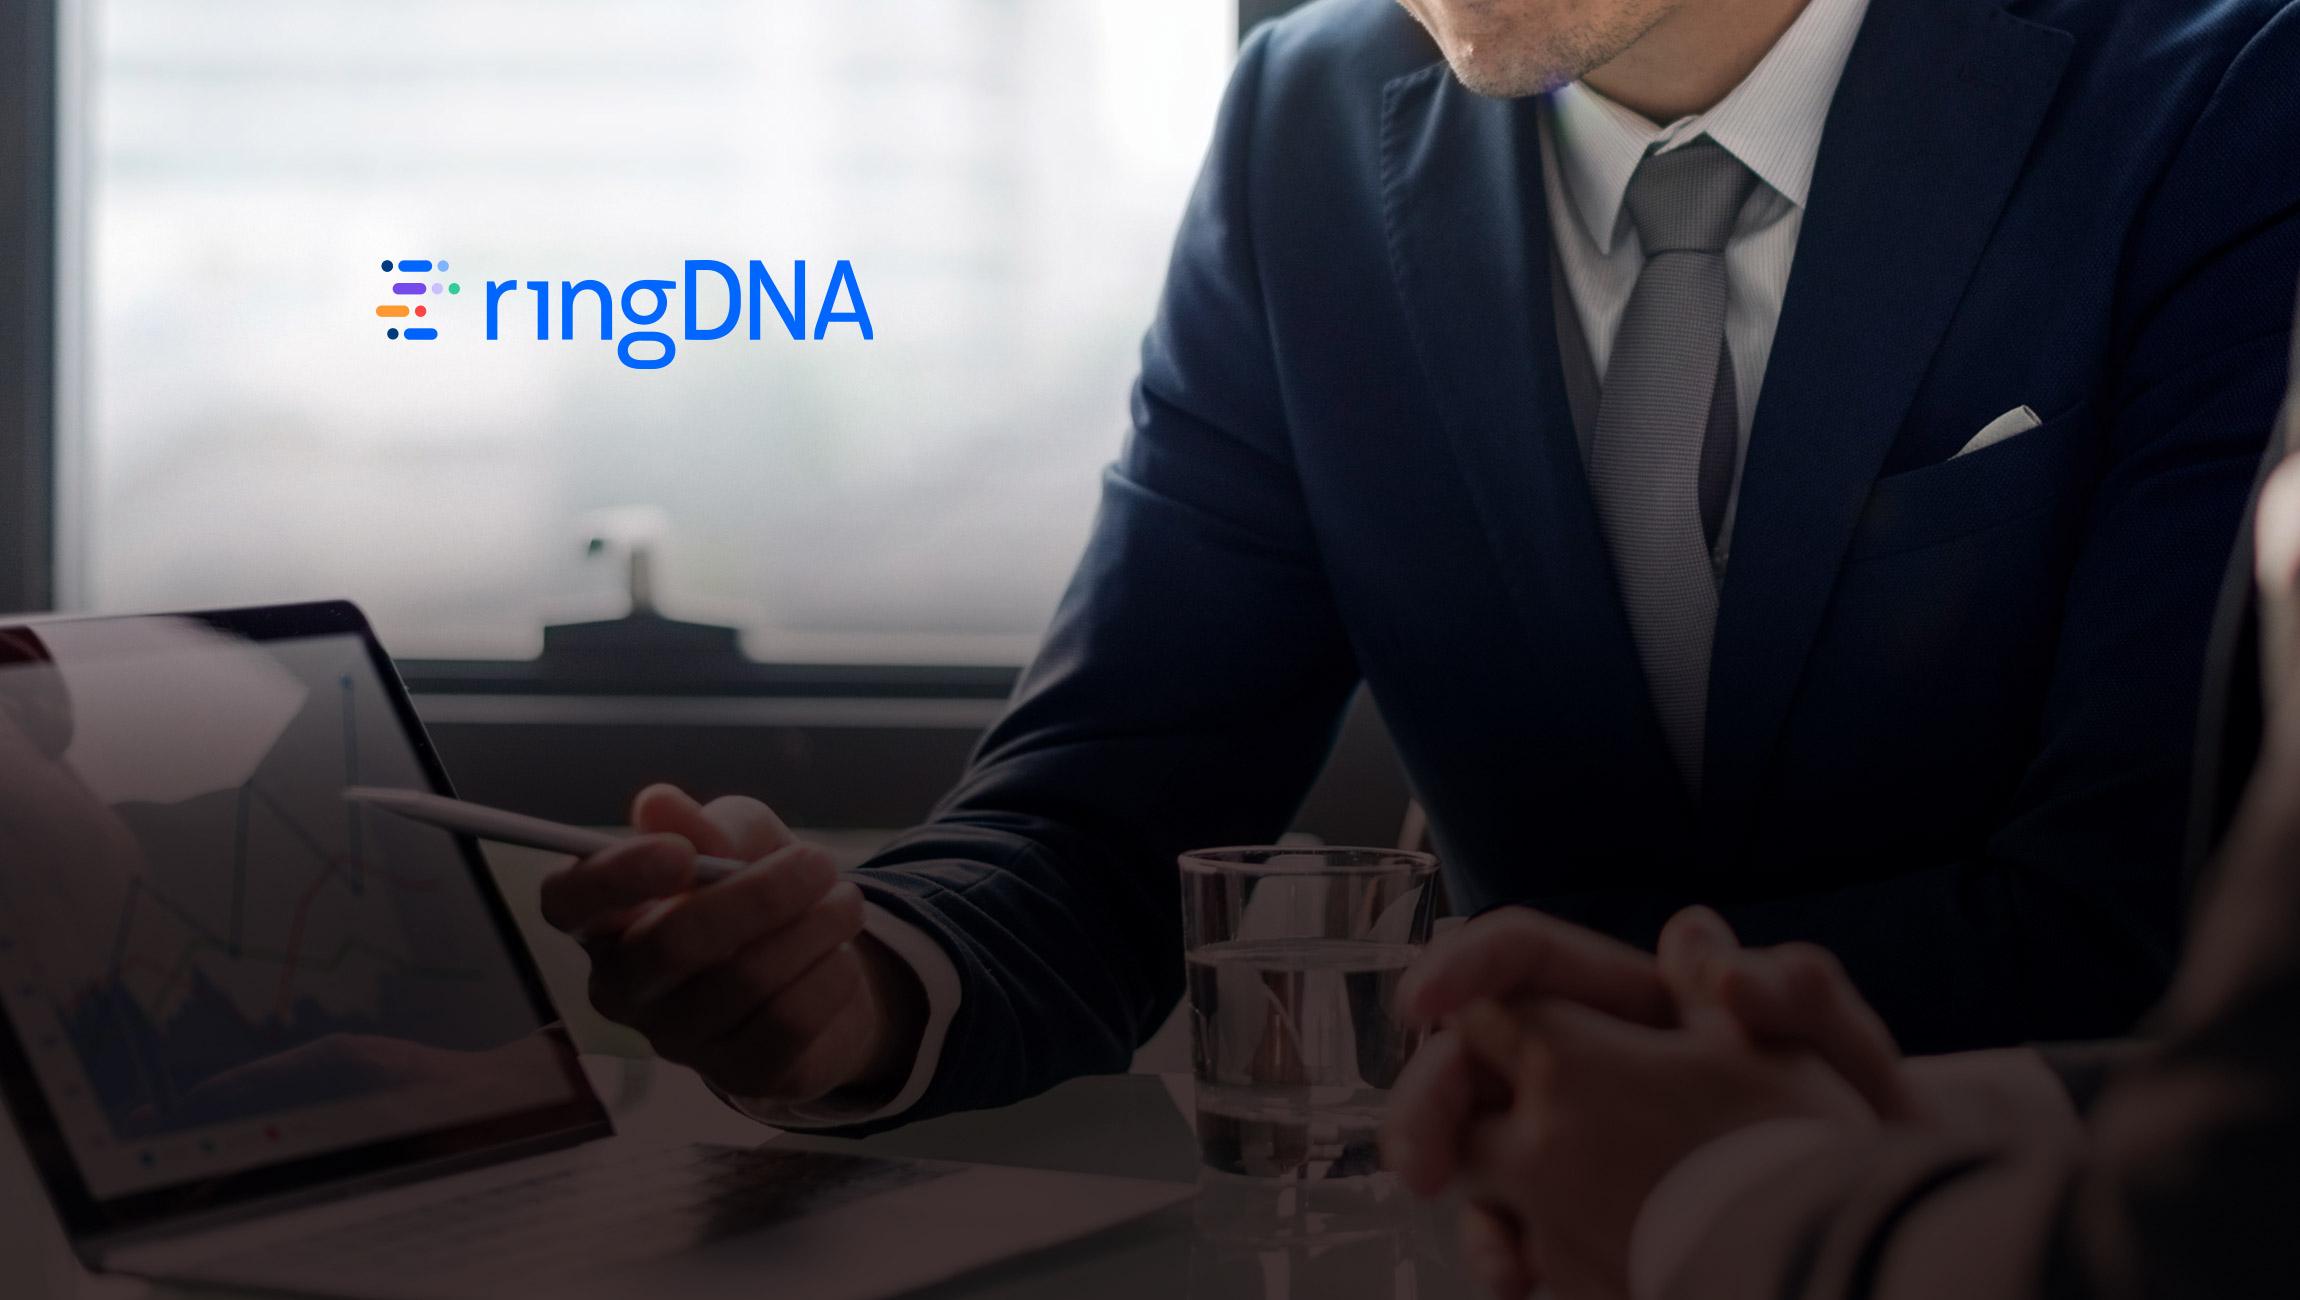 ringDNA Named a Cool Vendor by Gartner